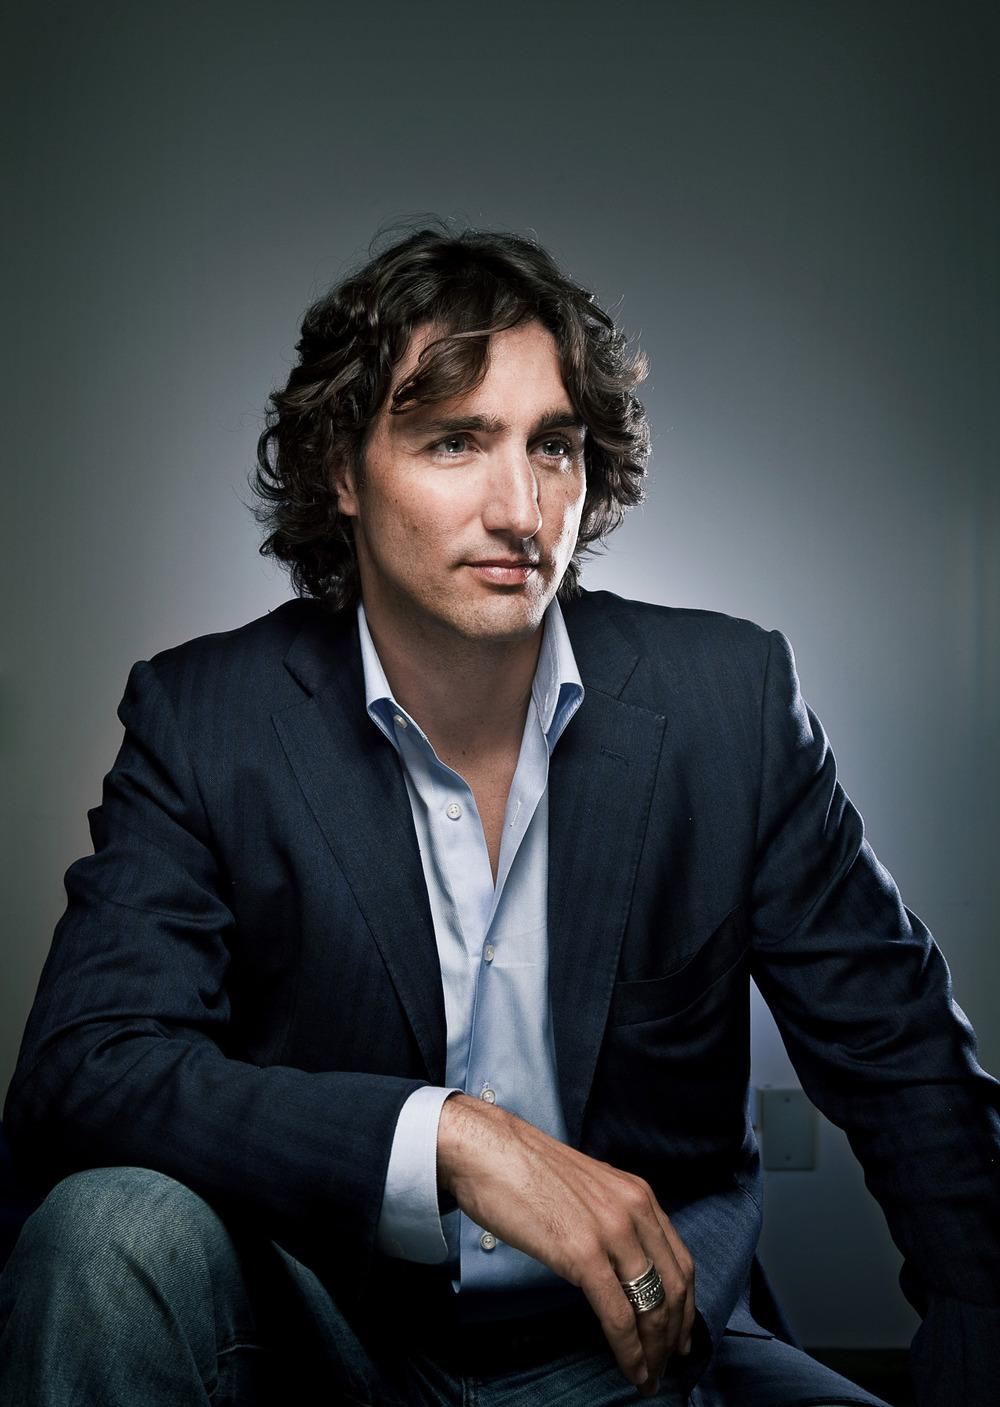 Prime Minister #notJoshGroban